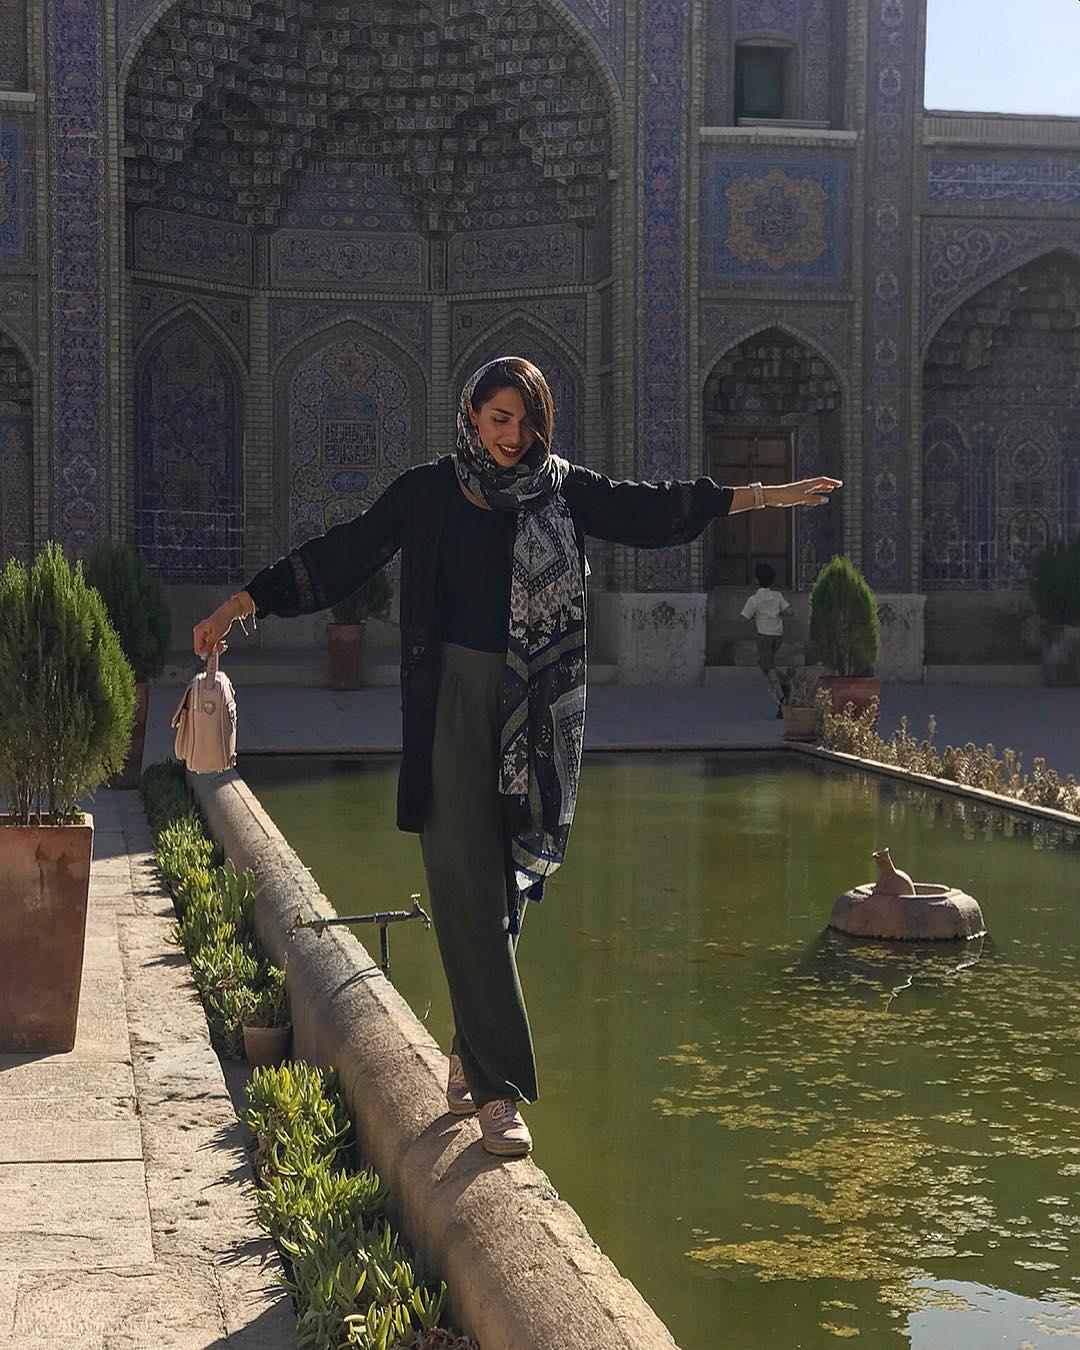 بیوگرافی مریم طوسی دونده +همسر و اینستاگرام